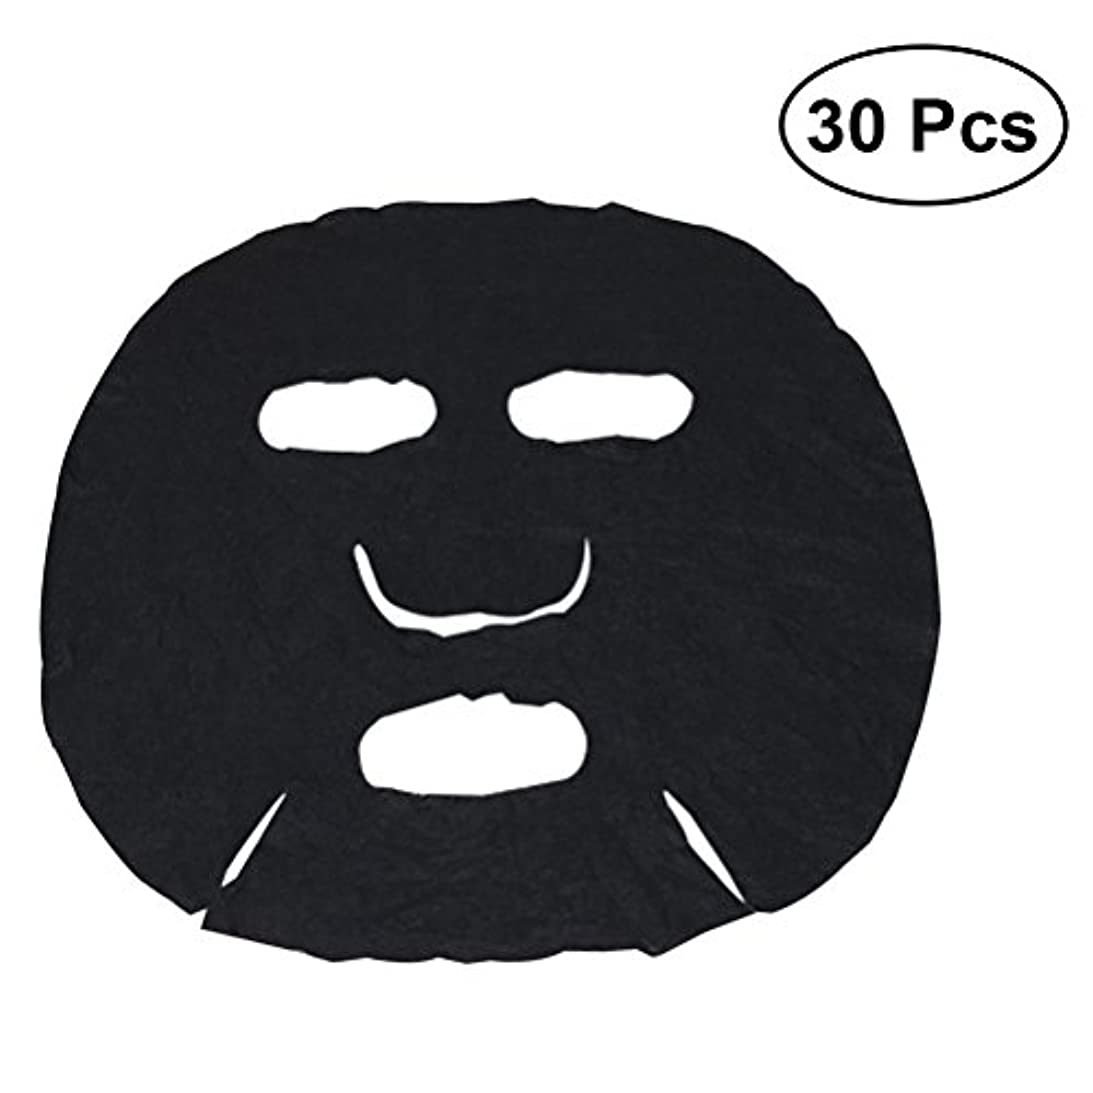 乗算カリキュラムハイライトFrcolor 圧縮マスク 圧縮フェイスパック 竹炭 圧縮マスクシート スキンケア DIY 30枚入り 携帯便利 使い捨て